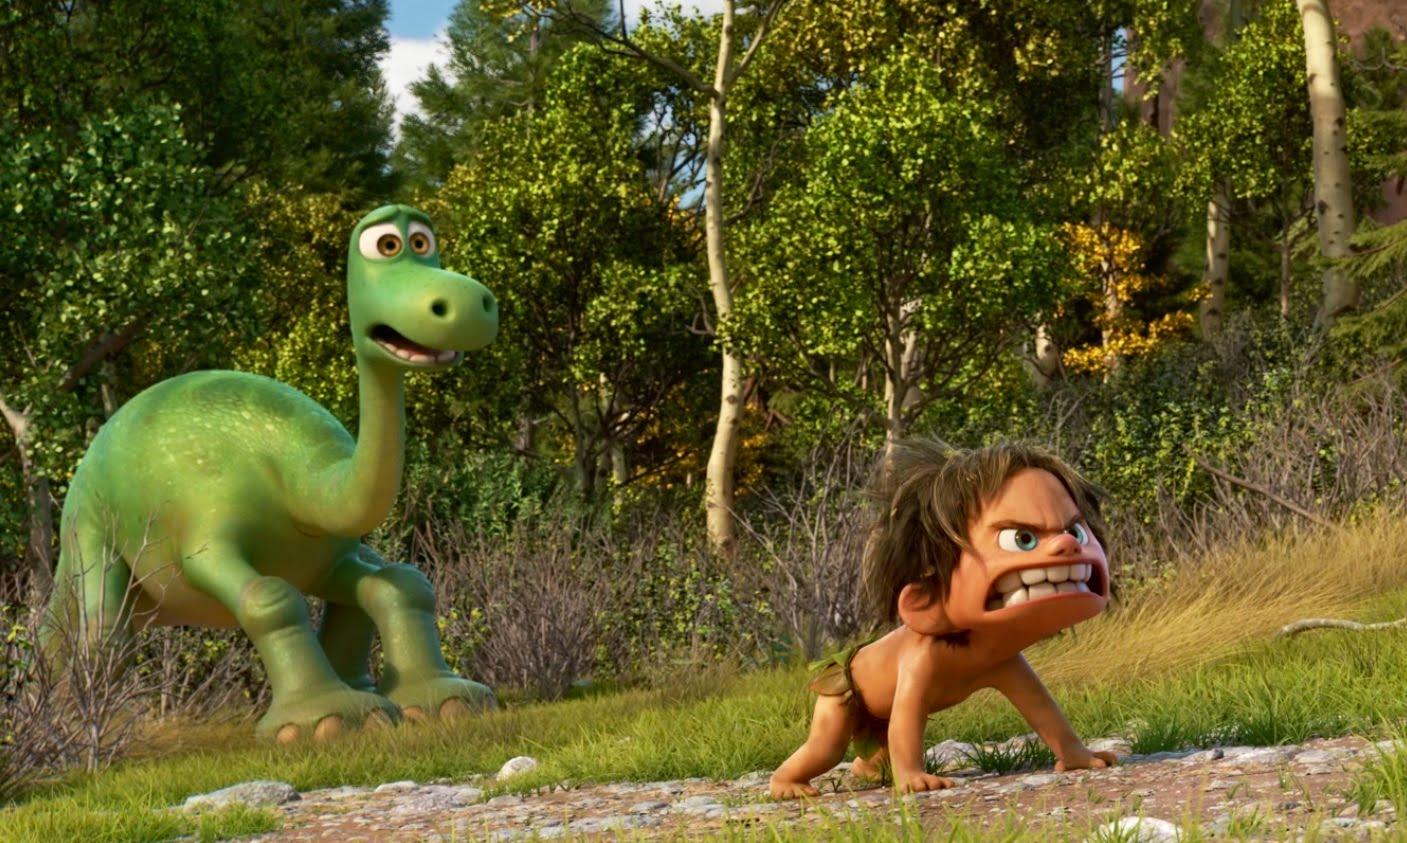 Toy Cars Movies : Disney anuncia sus próximos estrenos de películas hasta